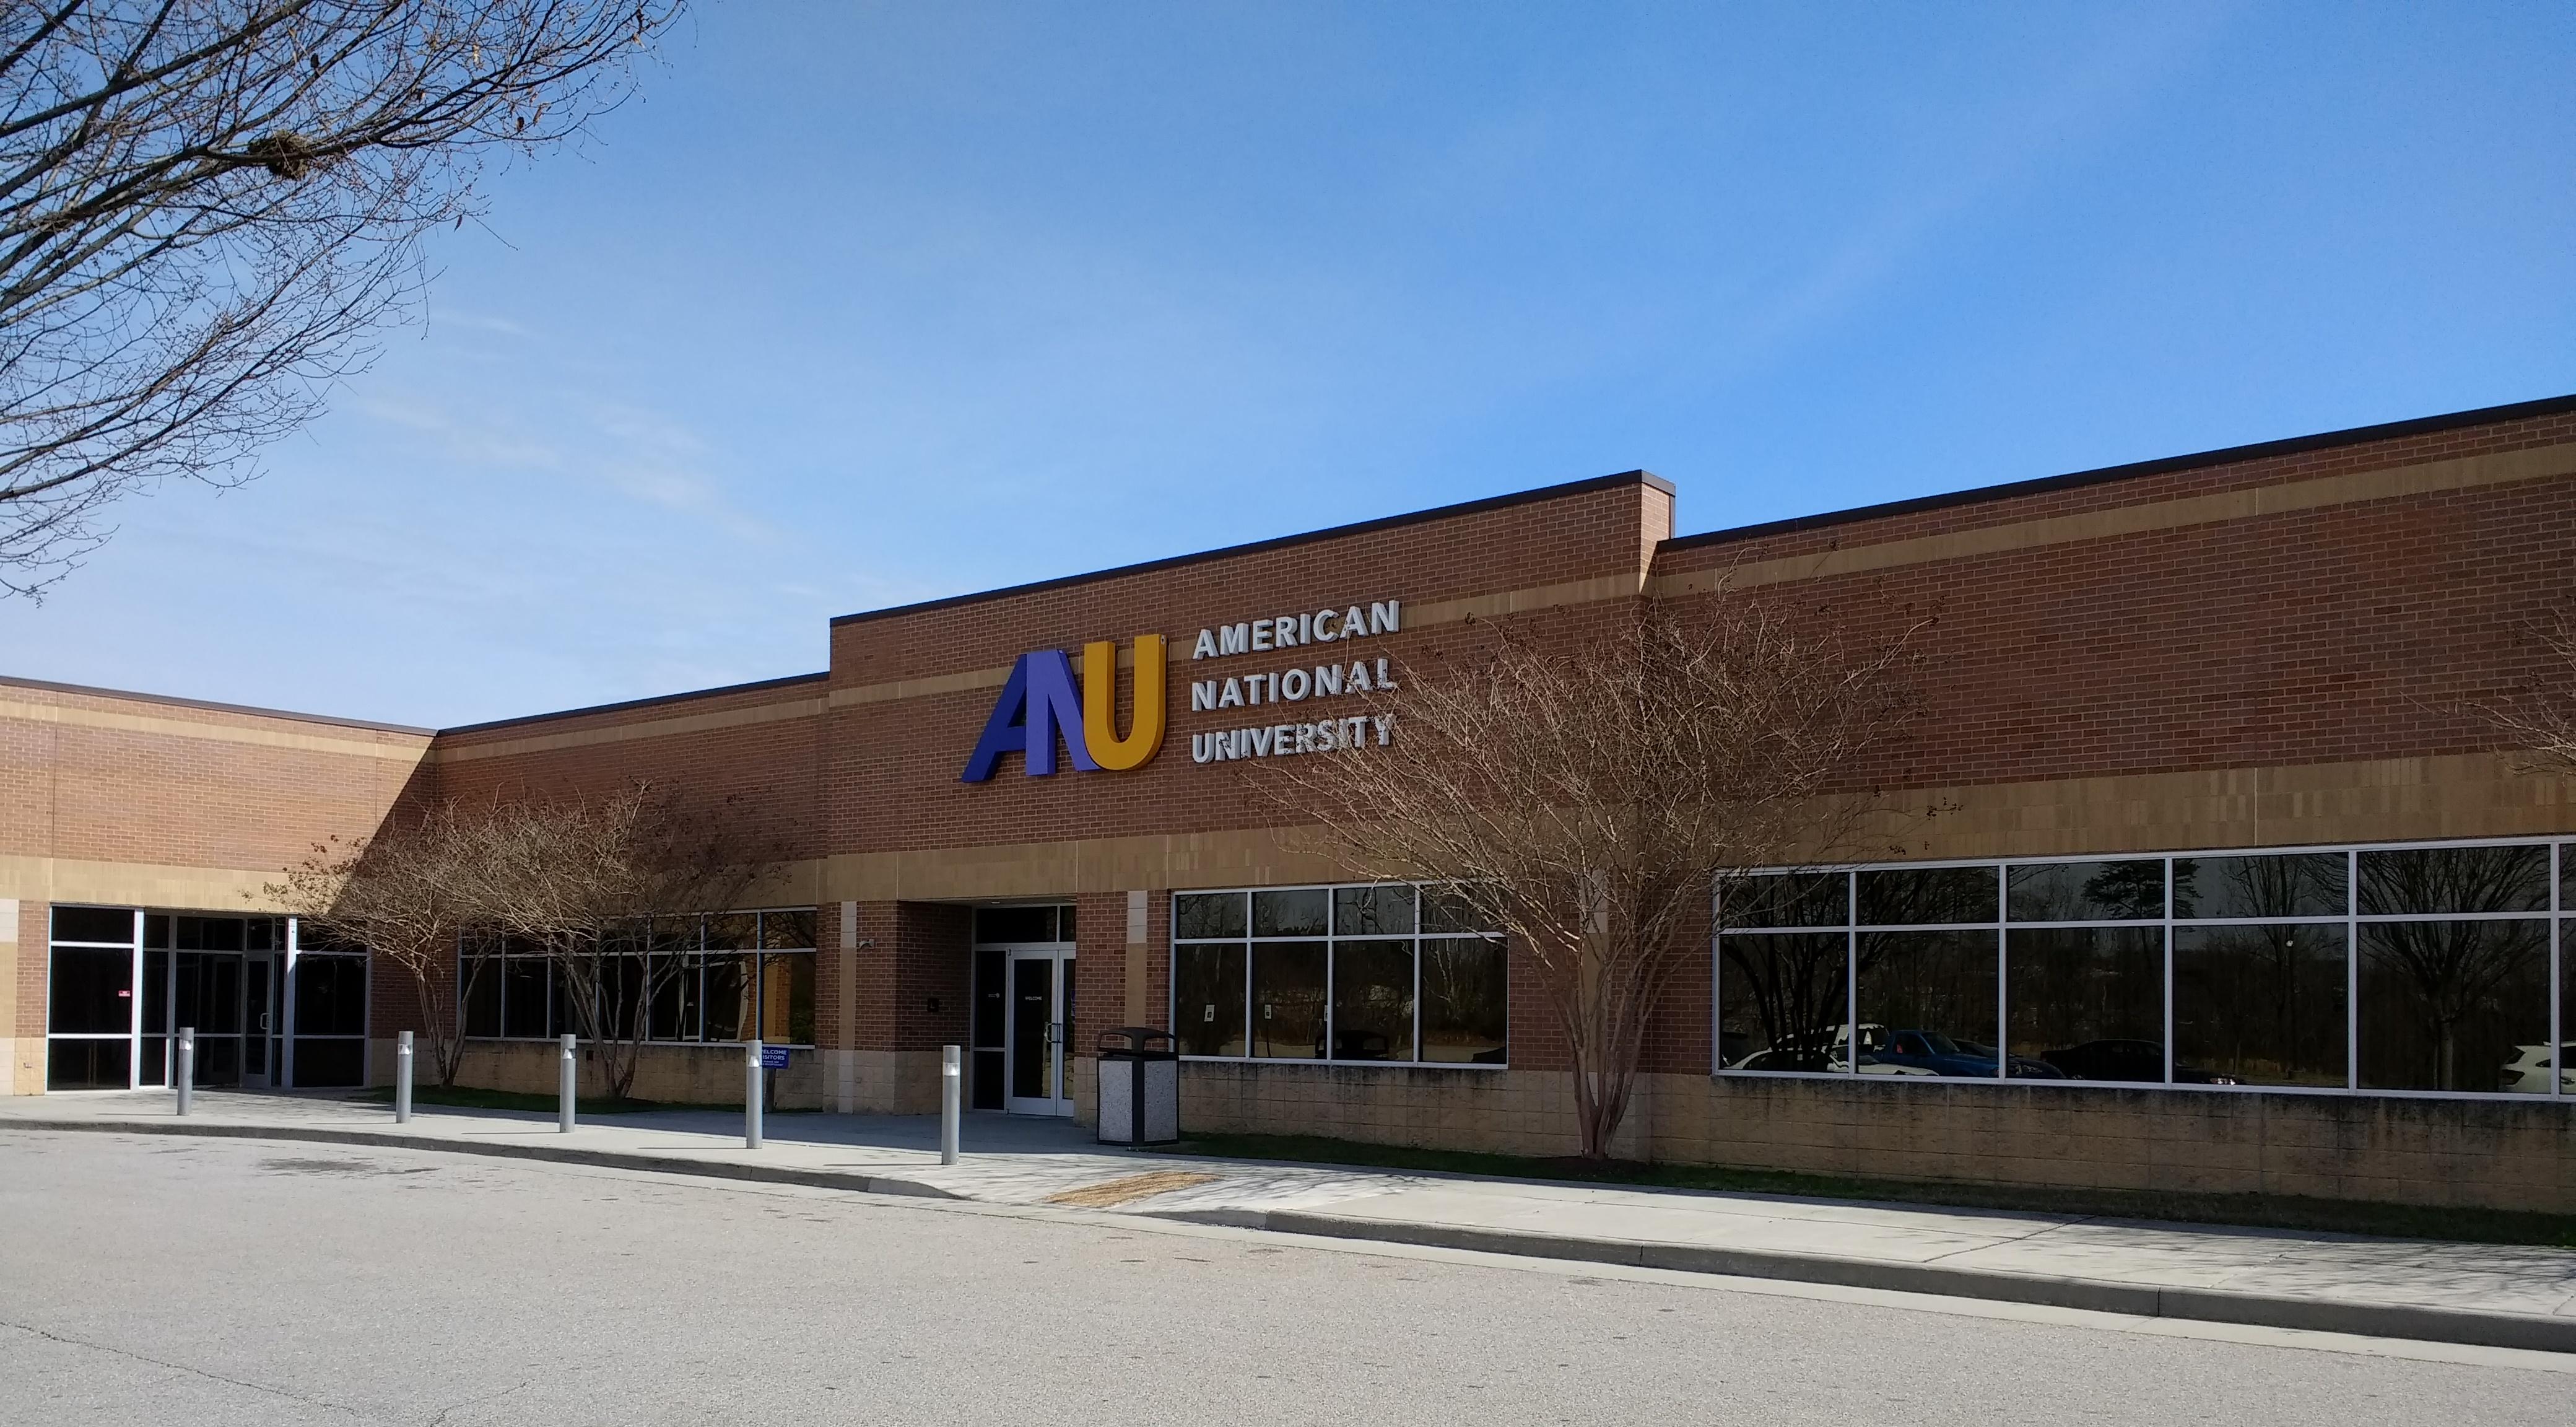 National American University Login >> American National University Wikipedia